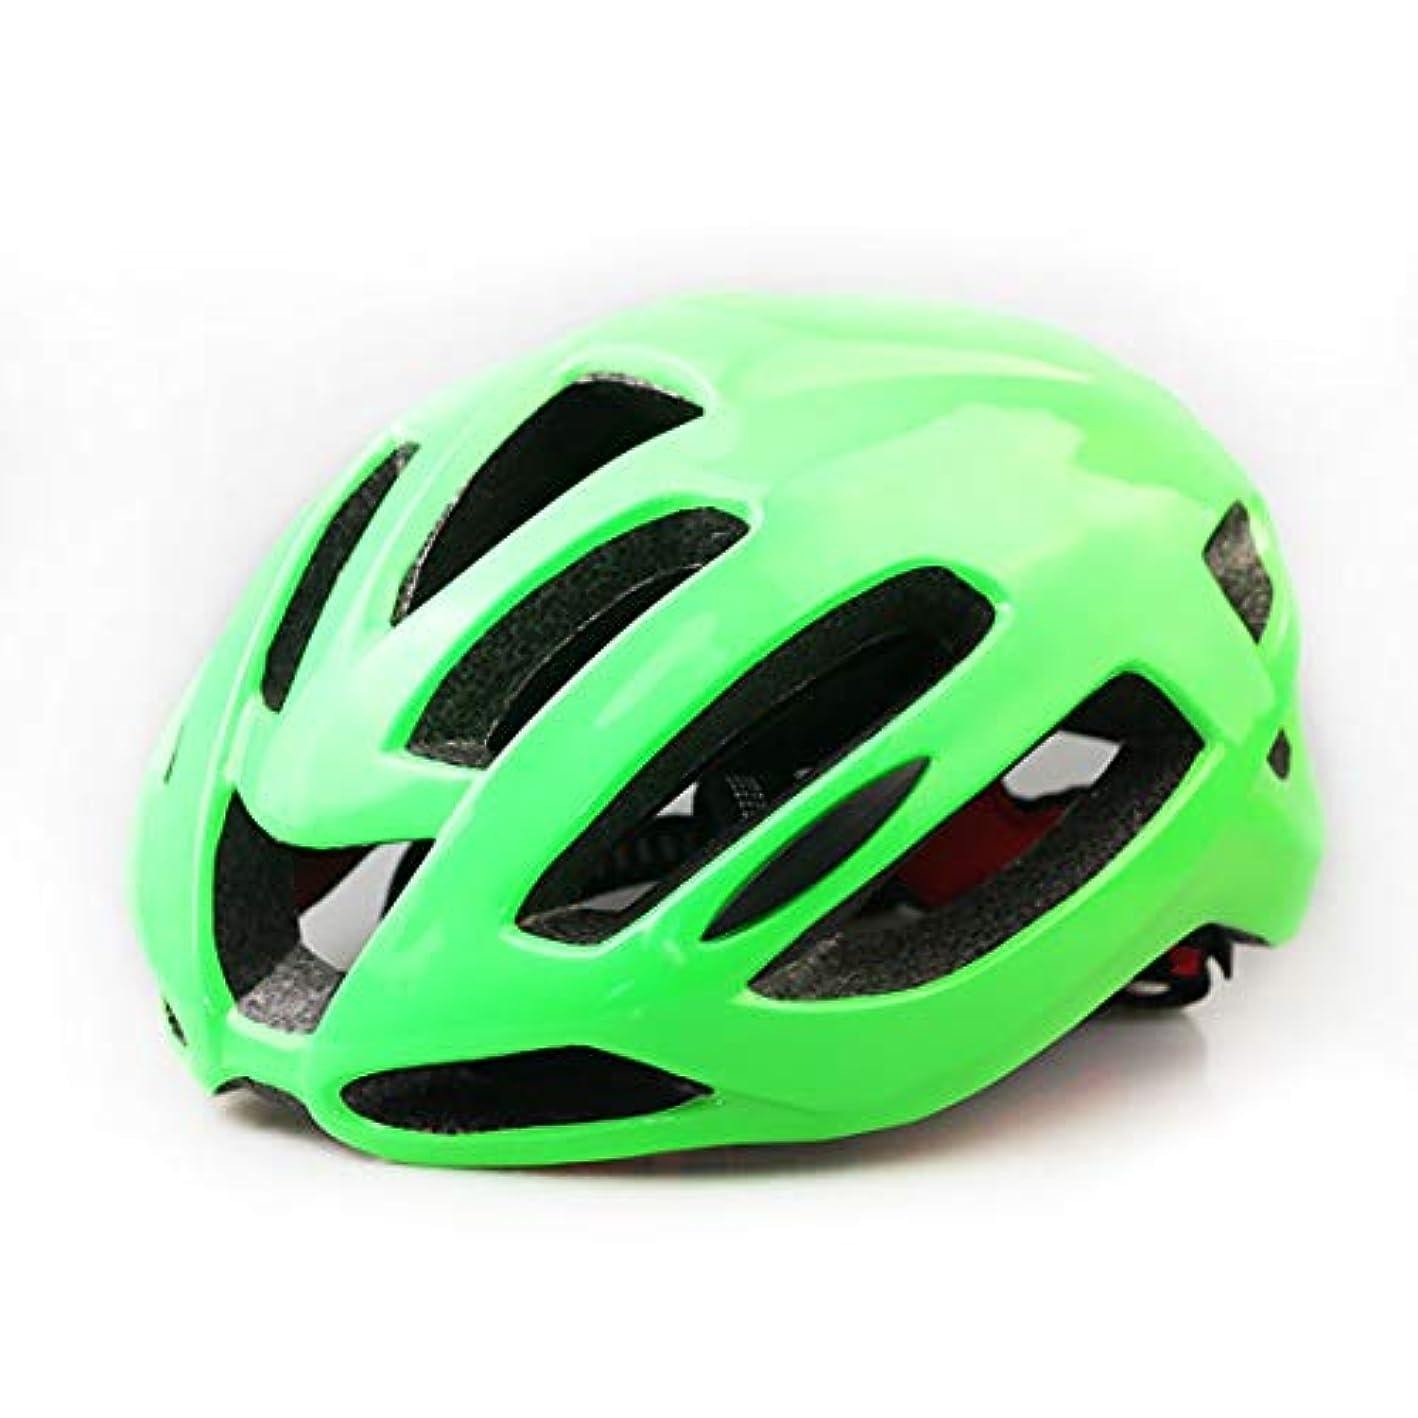 失思慮深い溶けたPCおよびEPS素材のマウンテンバイク用ヘルメット、一体成型ライディング用ヘルメットアウトドア、Lコード、男性および女性 自転車 アクセサリー (Color : Green)